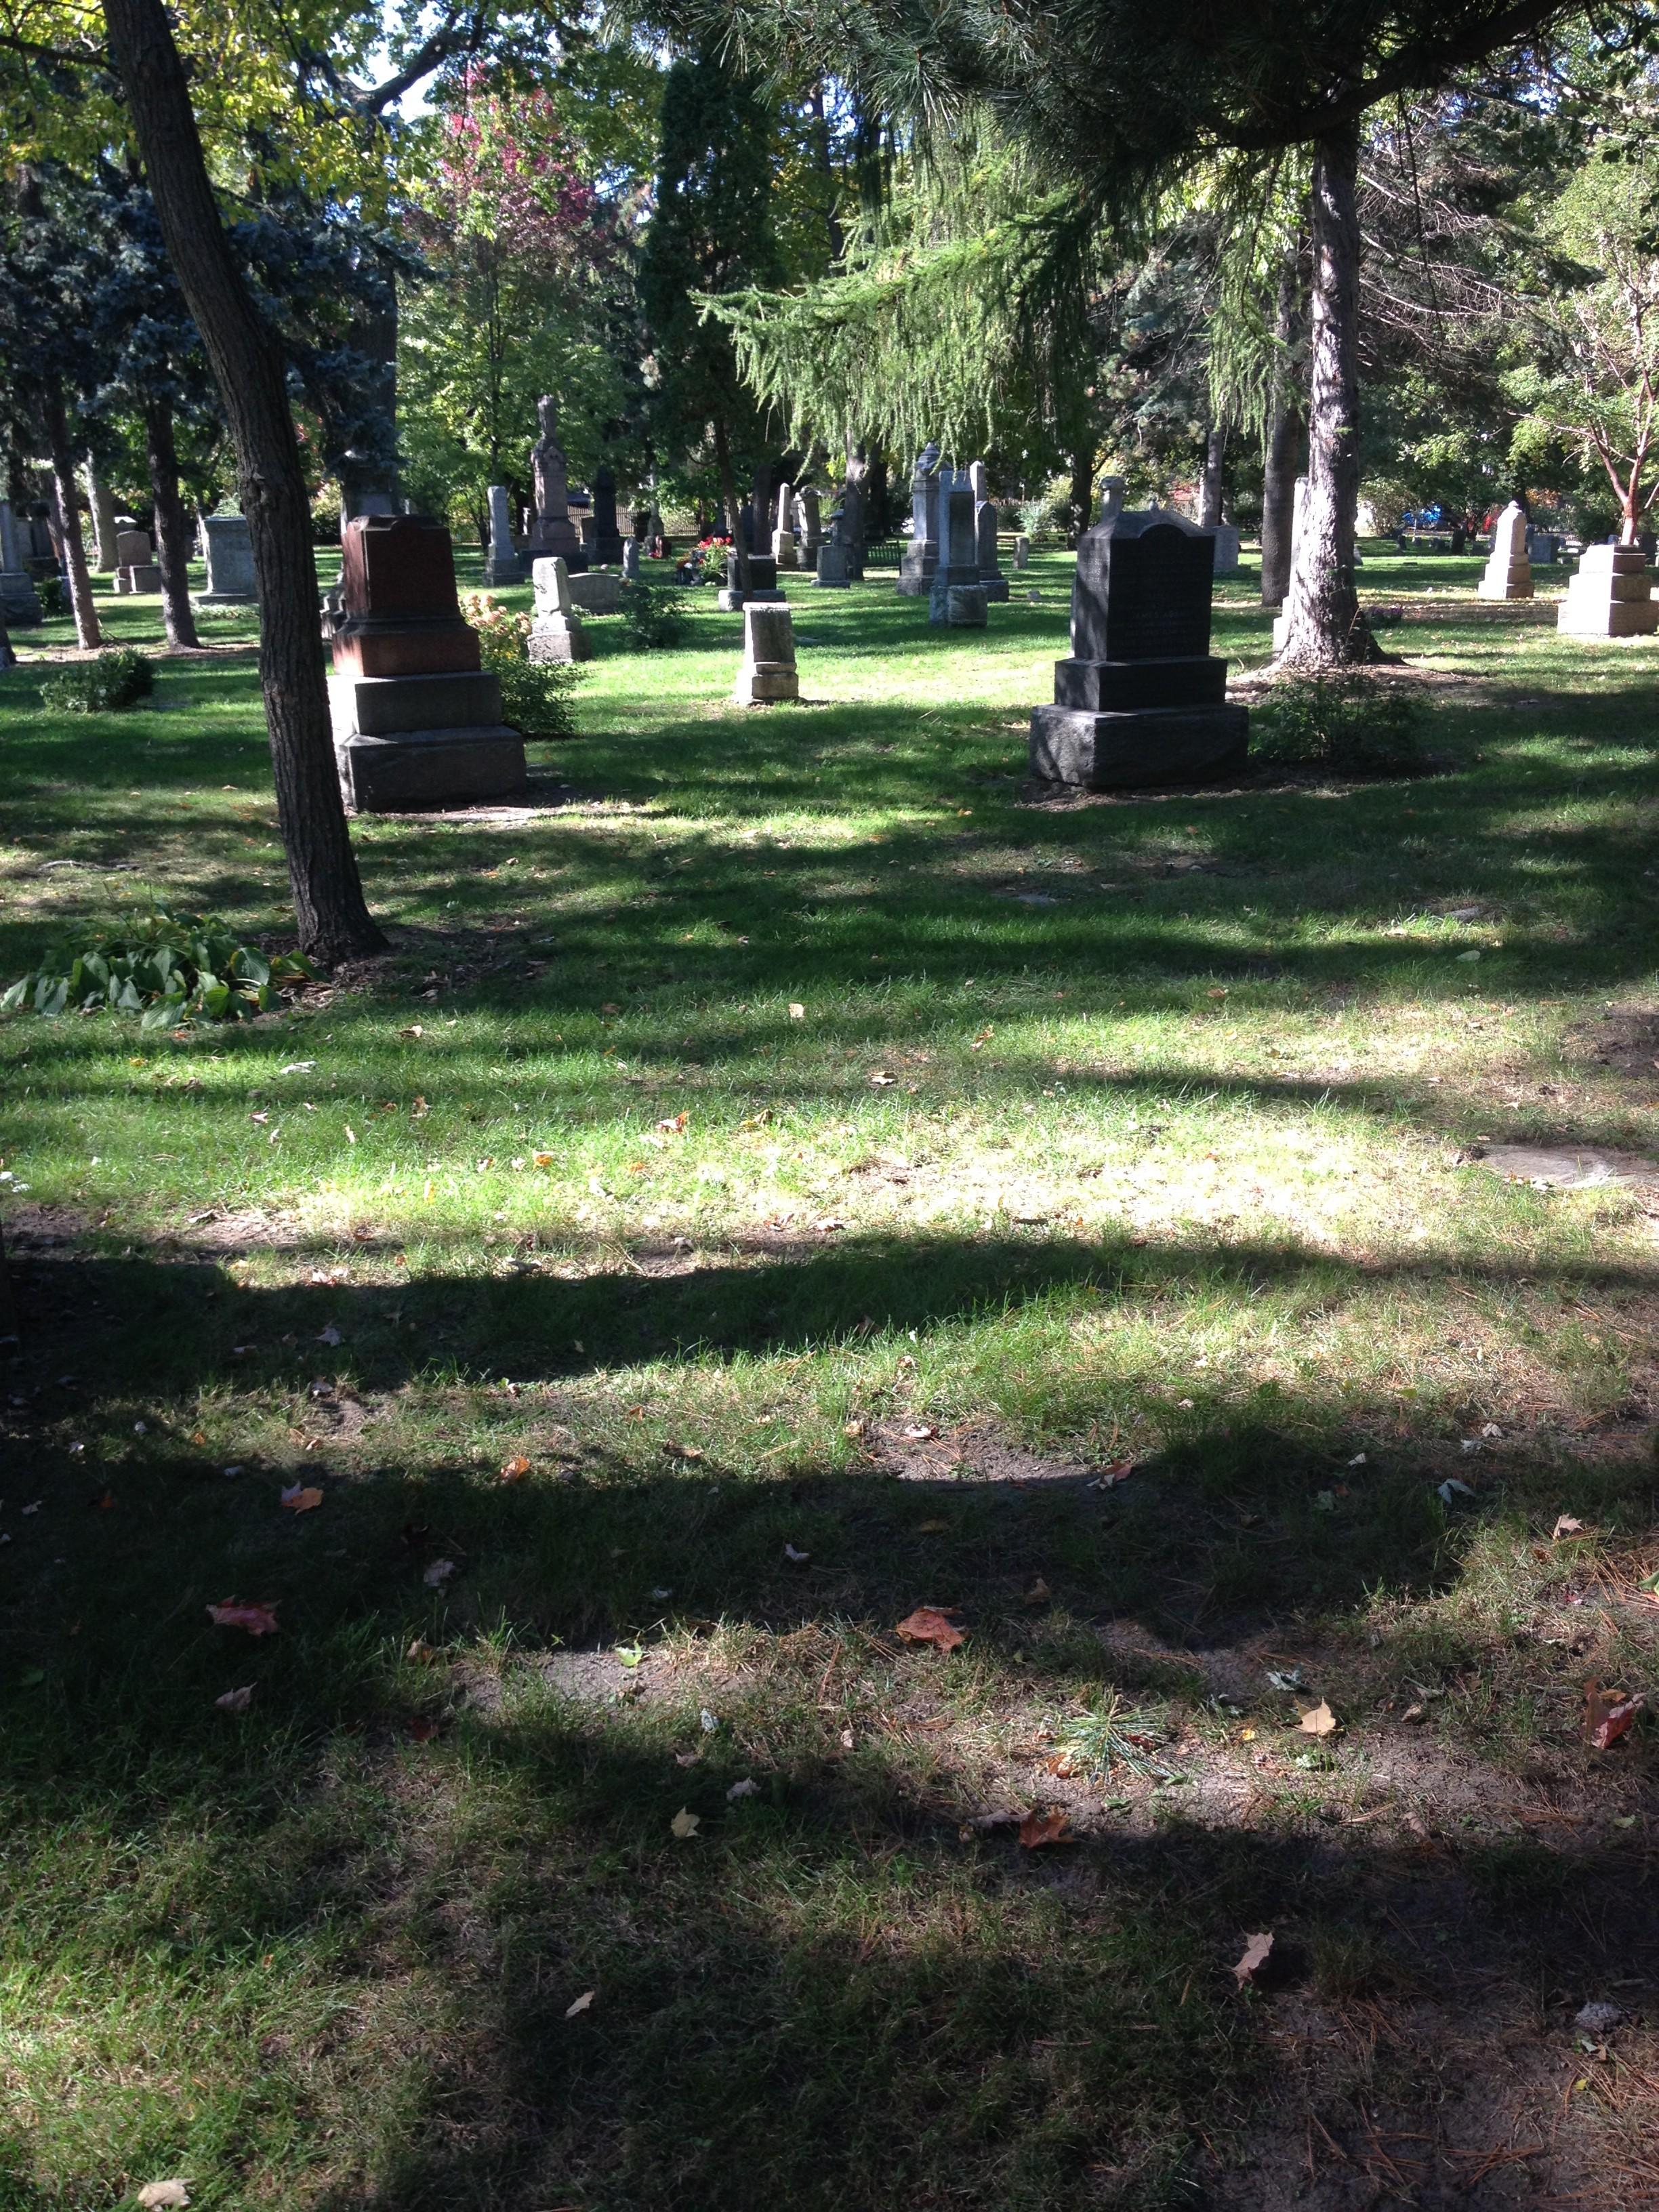 Gravesite at Toronto Necropolis - Mary Ann Soper Lyle (1796-1862)